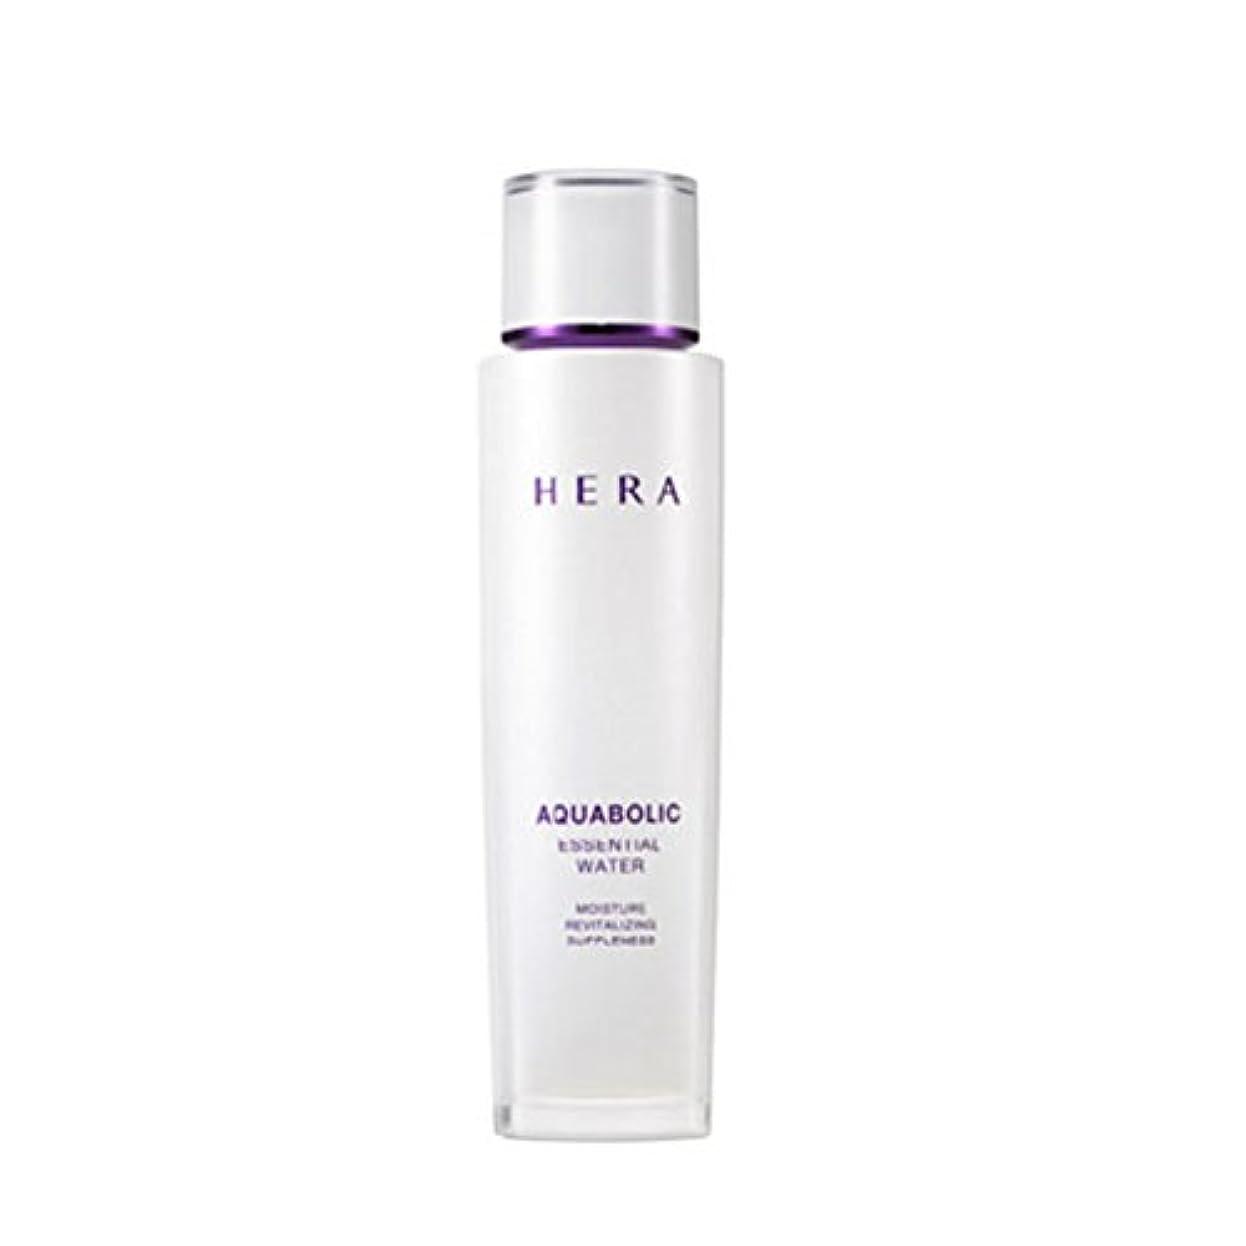 会員相互接続病弱(ヘラ) HERA Aquabolic Essential Water アクアボルリクエッセンシャルウオーター (韓国直発送) oopspanda